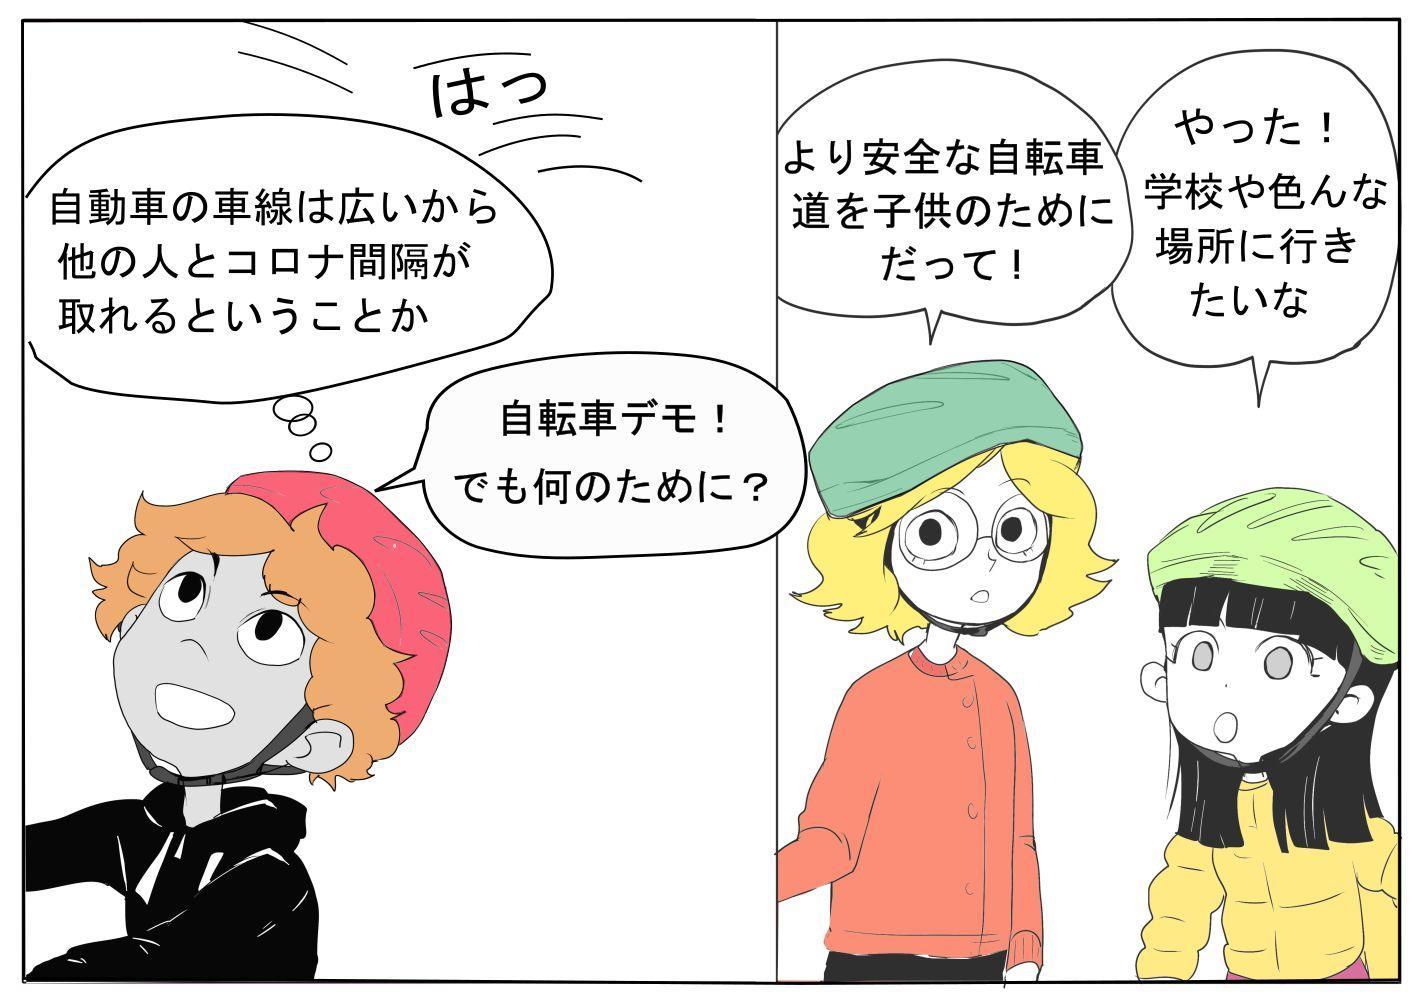 JAP_04_wow_demo_1000_JAP